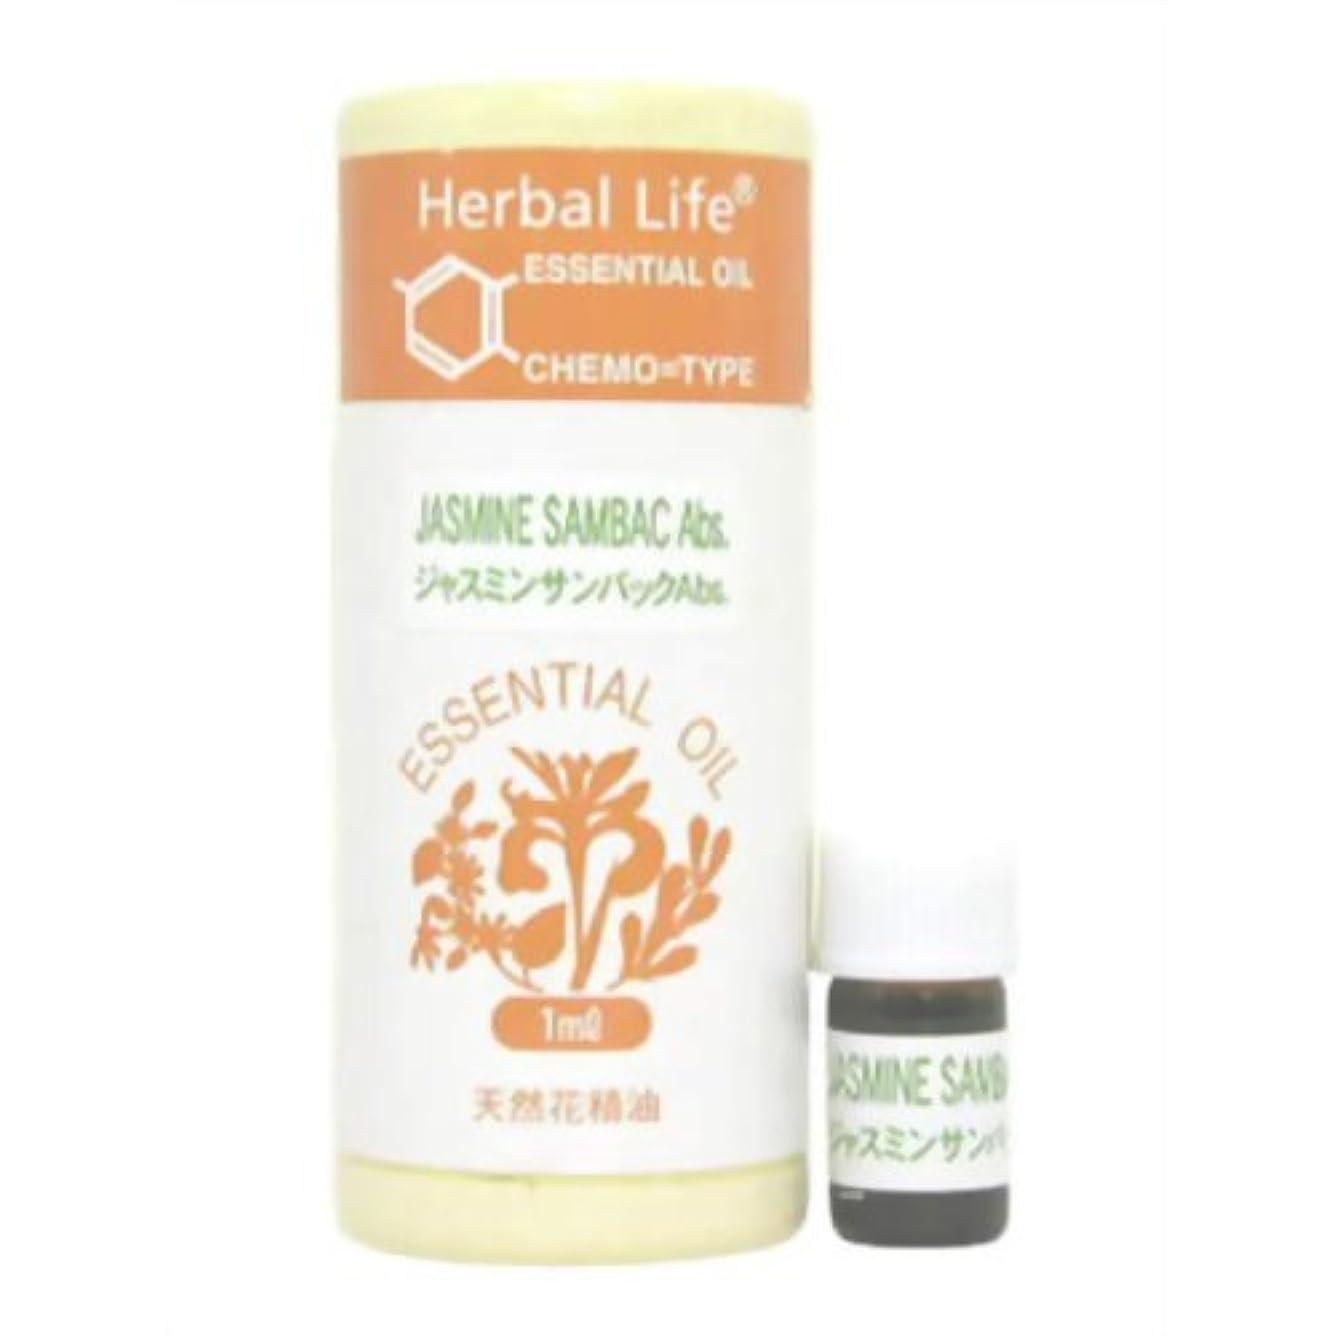 オセアニア追い出すバージン生活の木 Herbal Life ジャスミンサンバックAbs 1ml